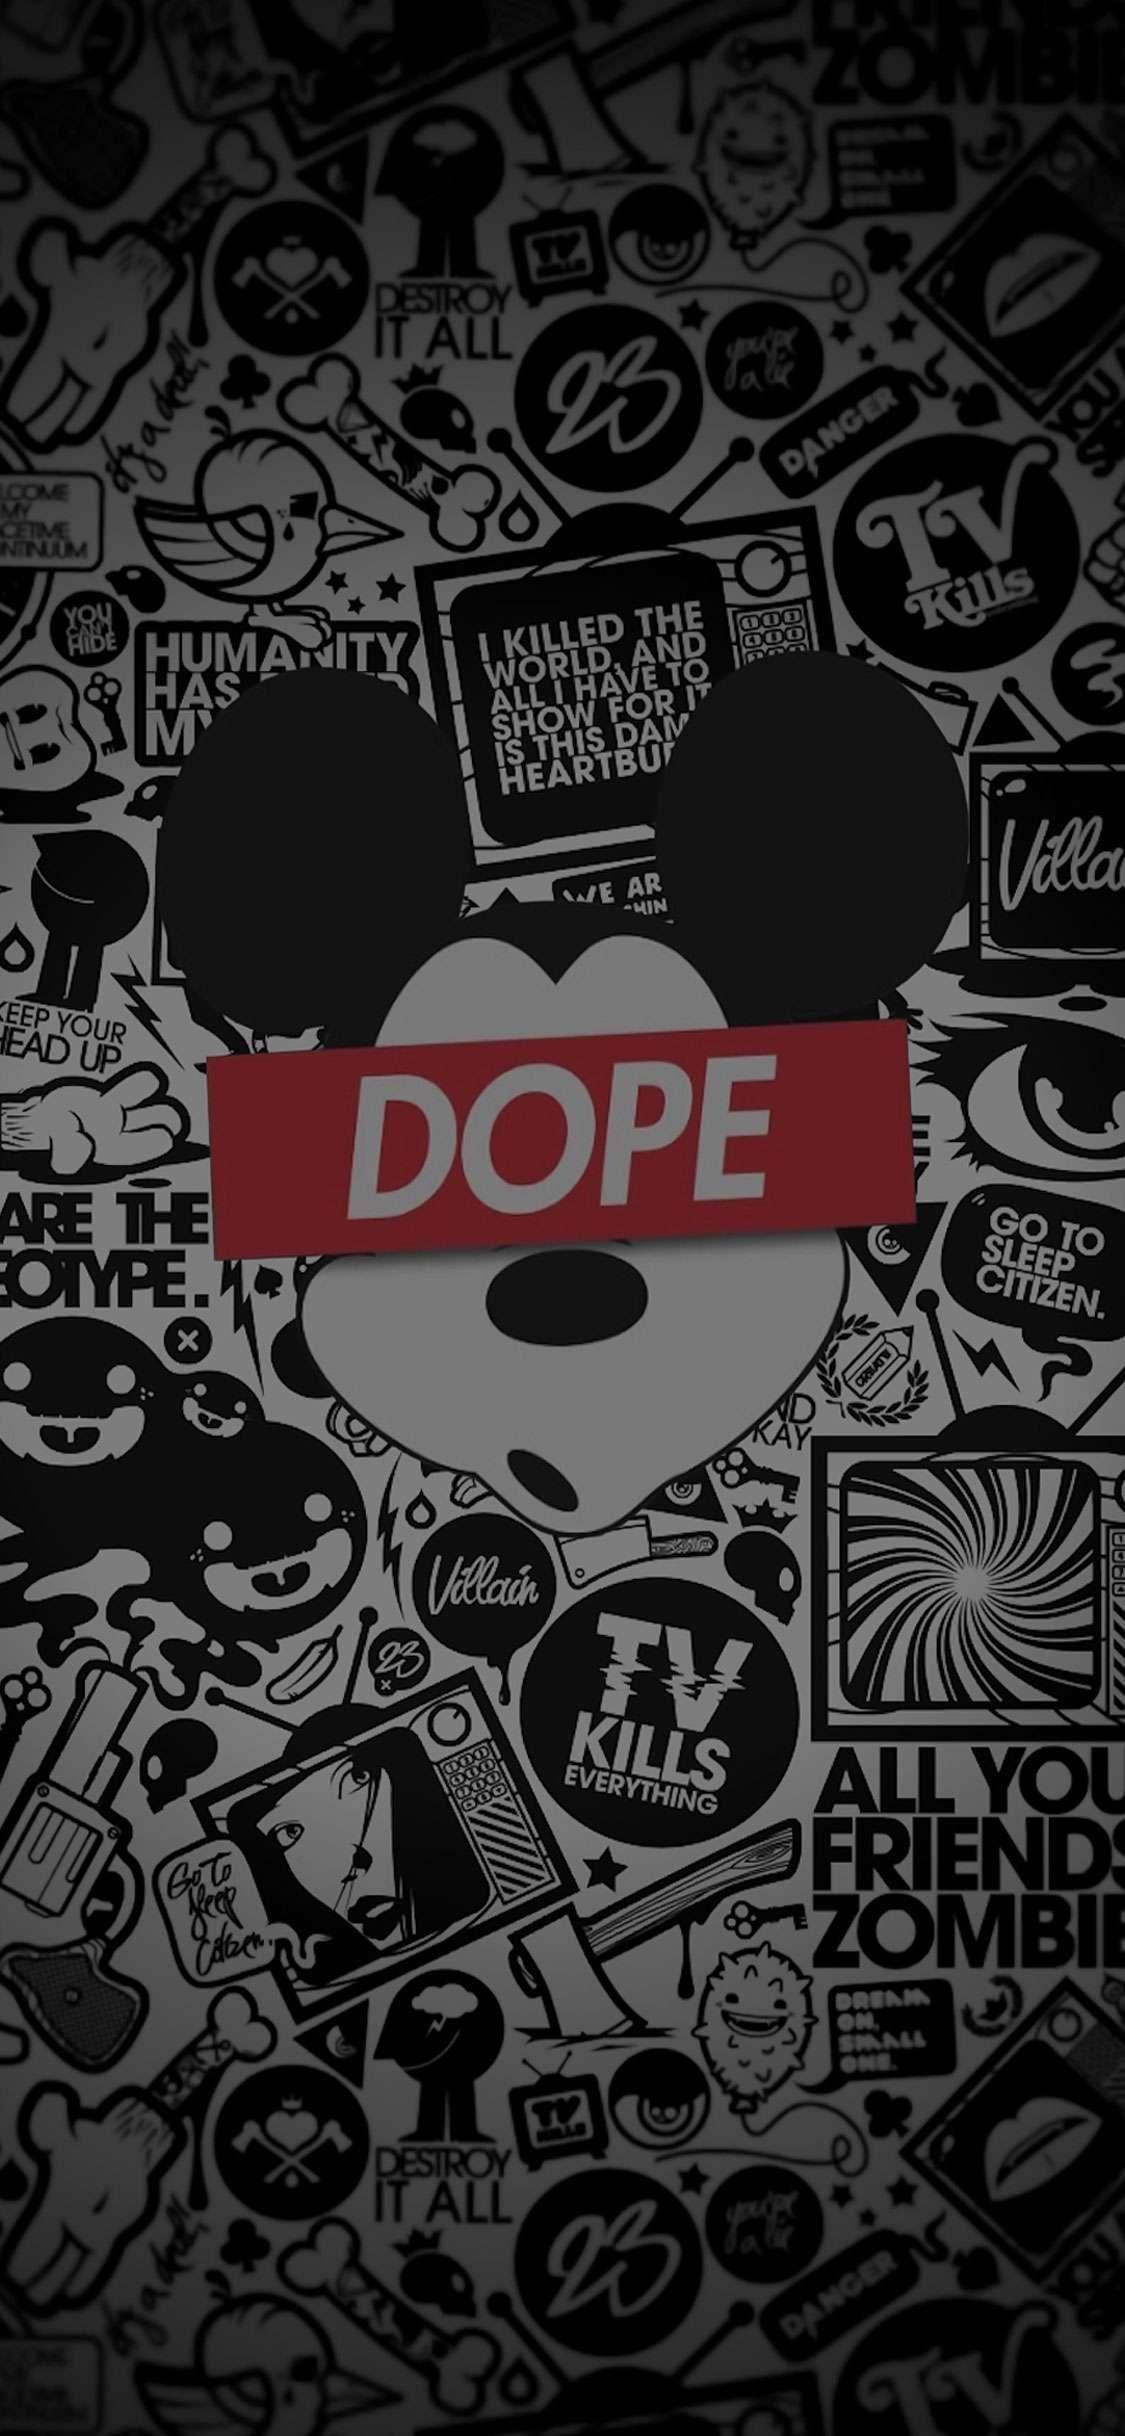 Wallpaper Untuk Asus Zenfone Go Luxury Arranged For Mickey